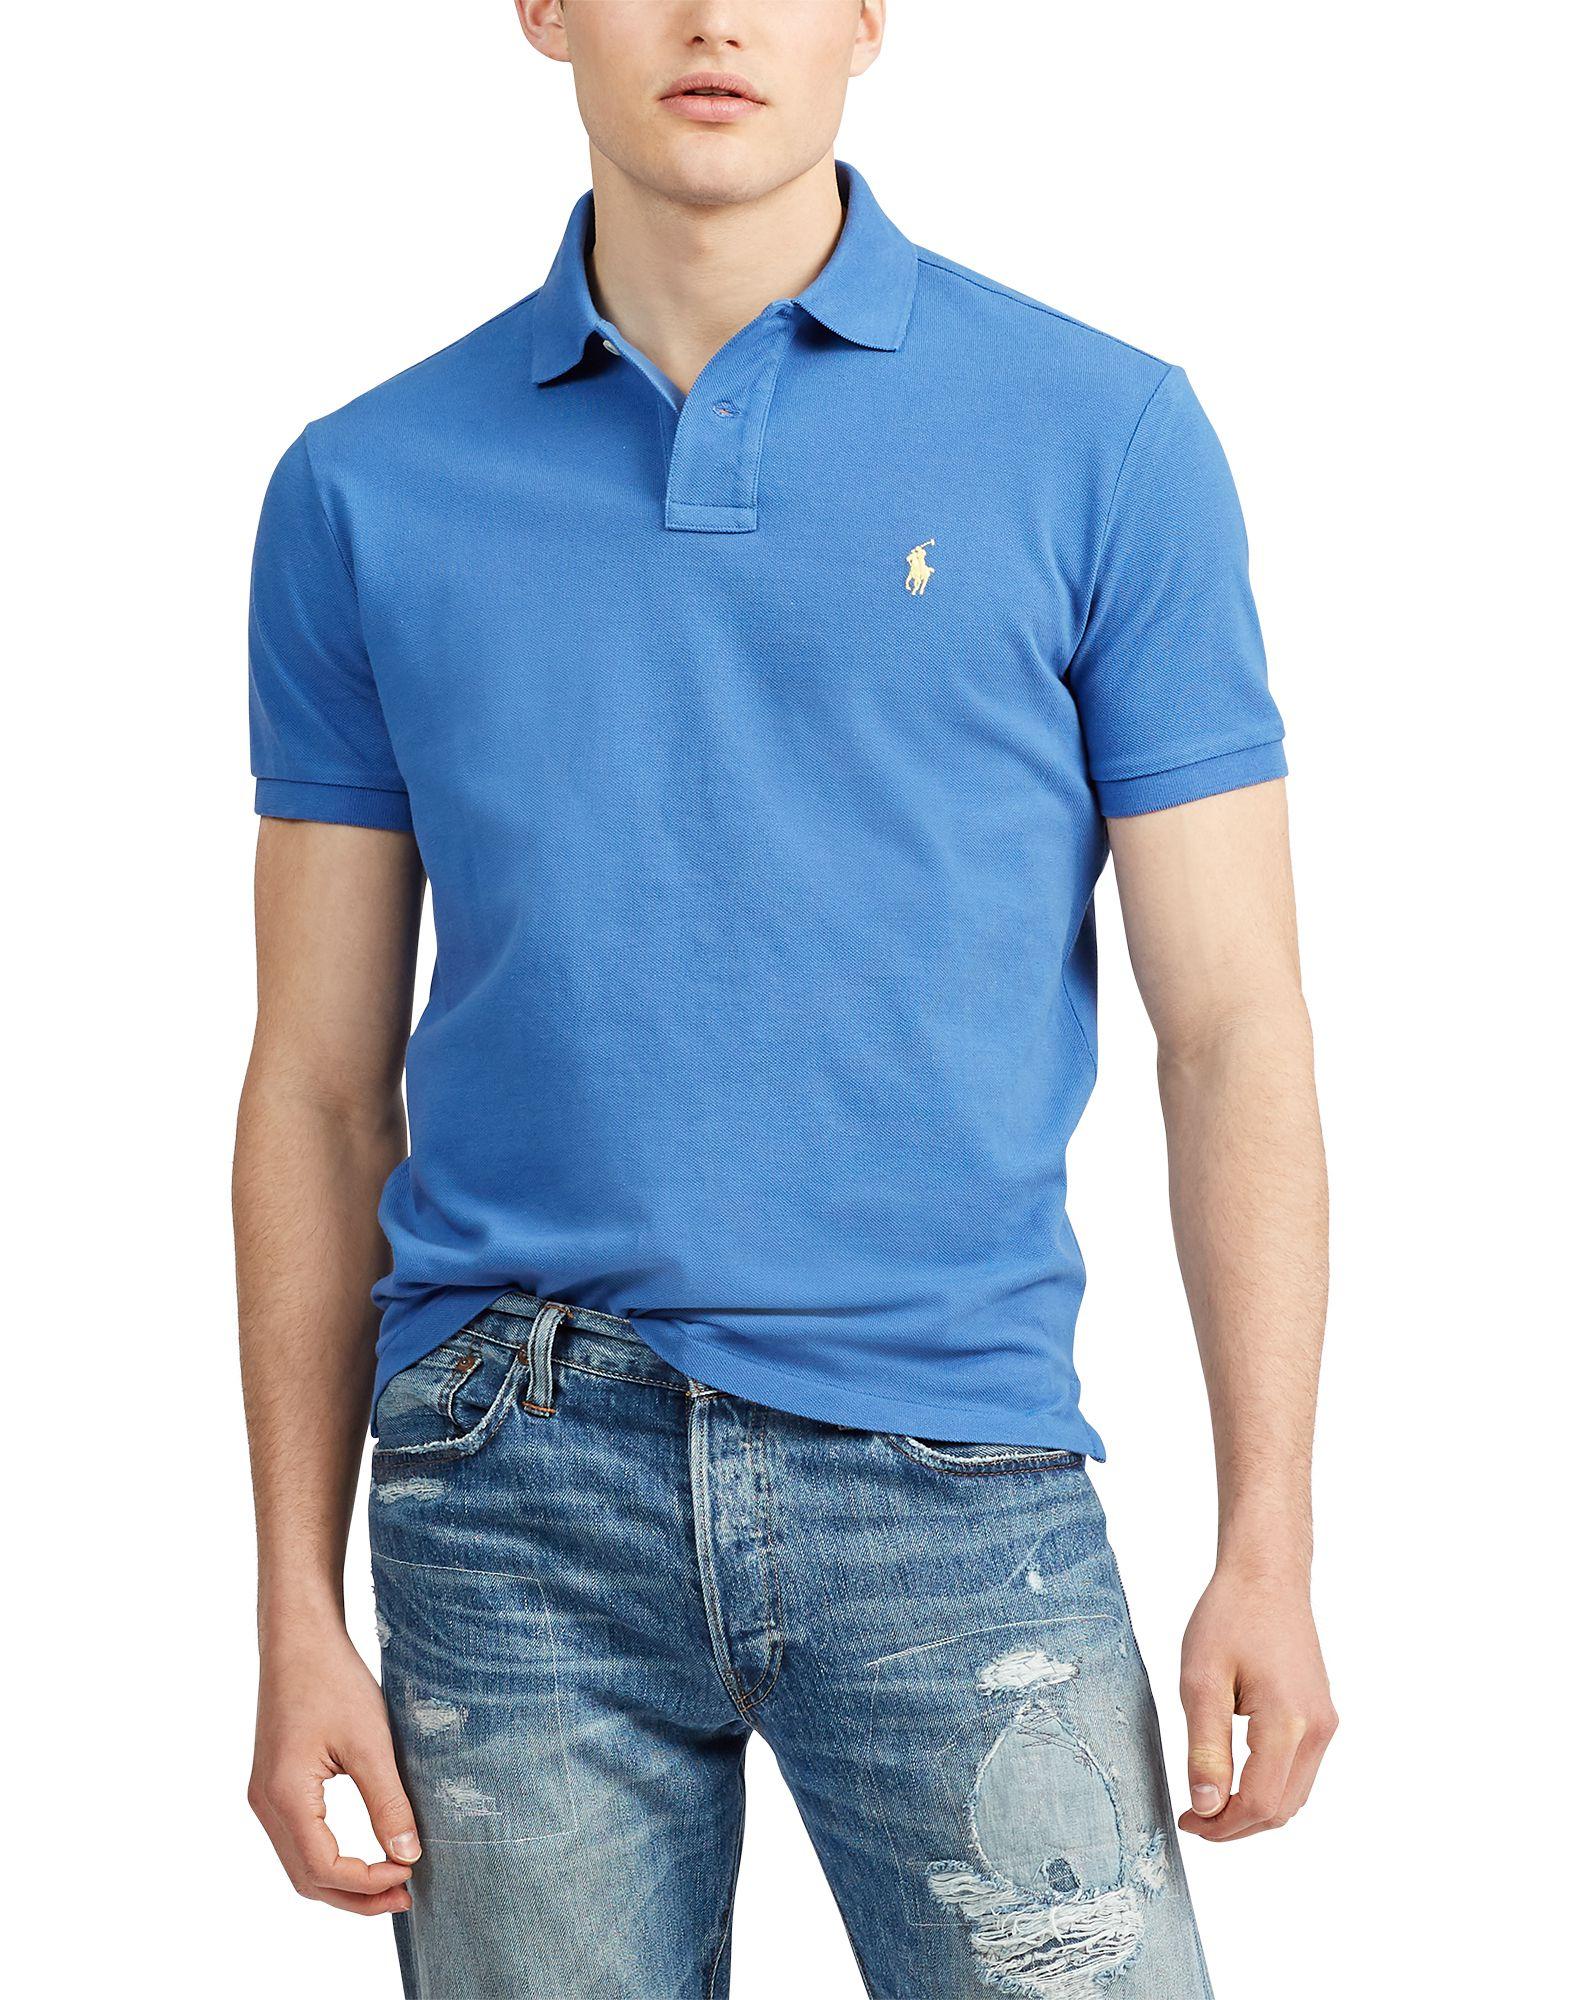 青色ポロシャツ画像